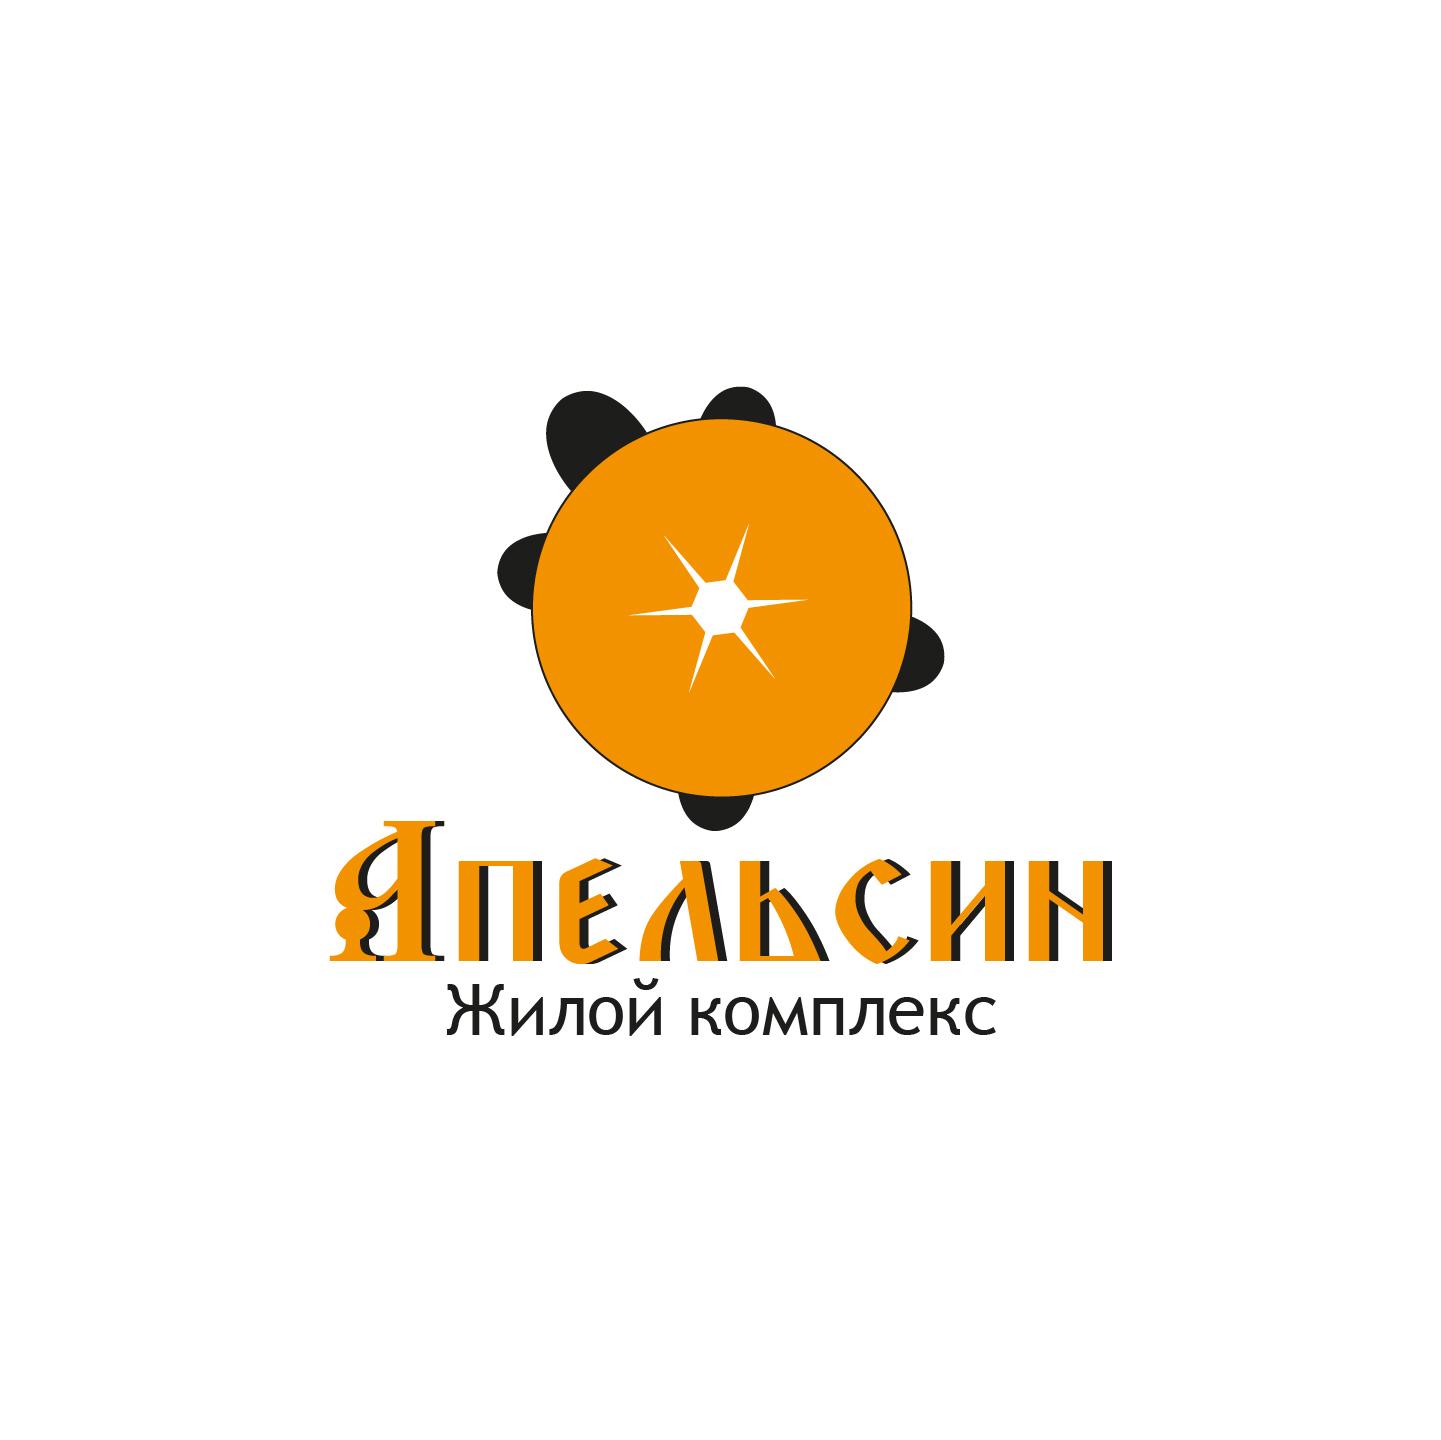 Логотип и фирменный стиль фото f_5955a5b159f49825.jpg